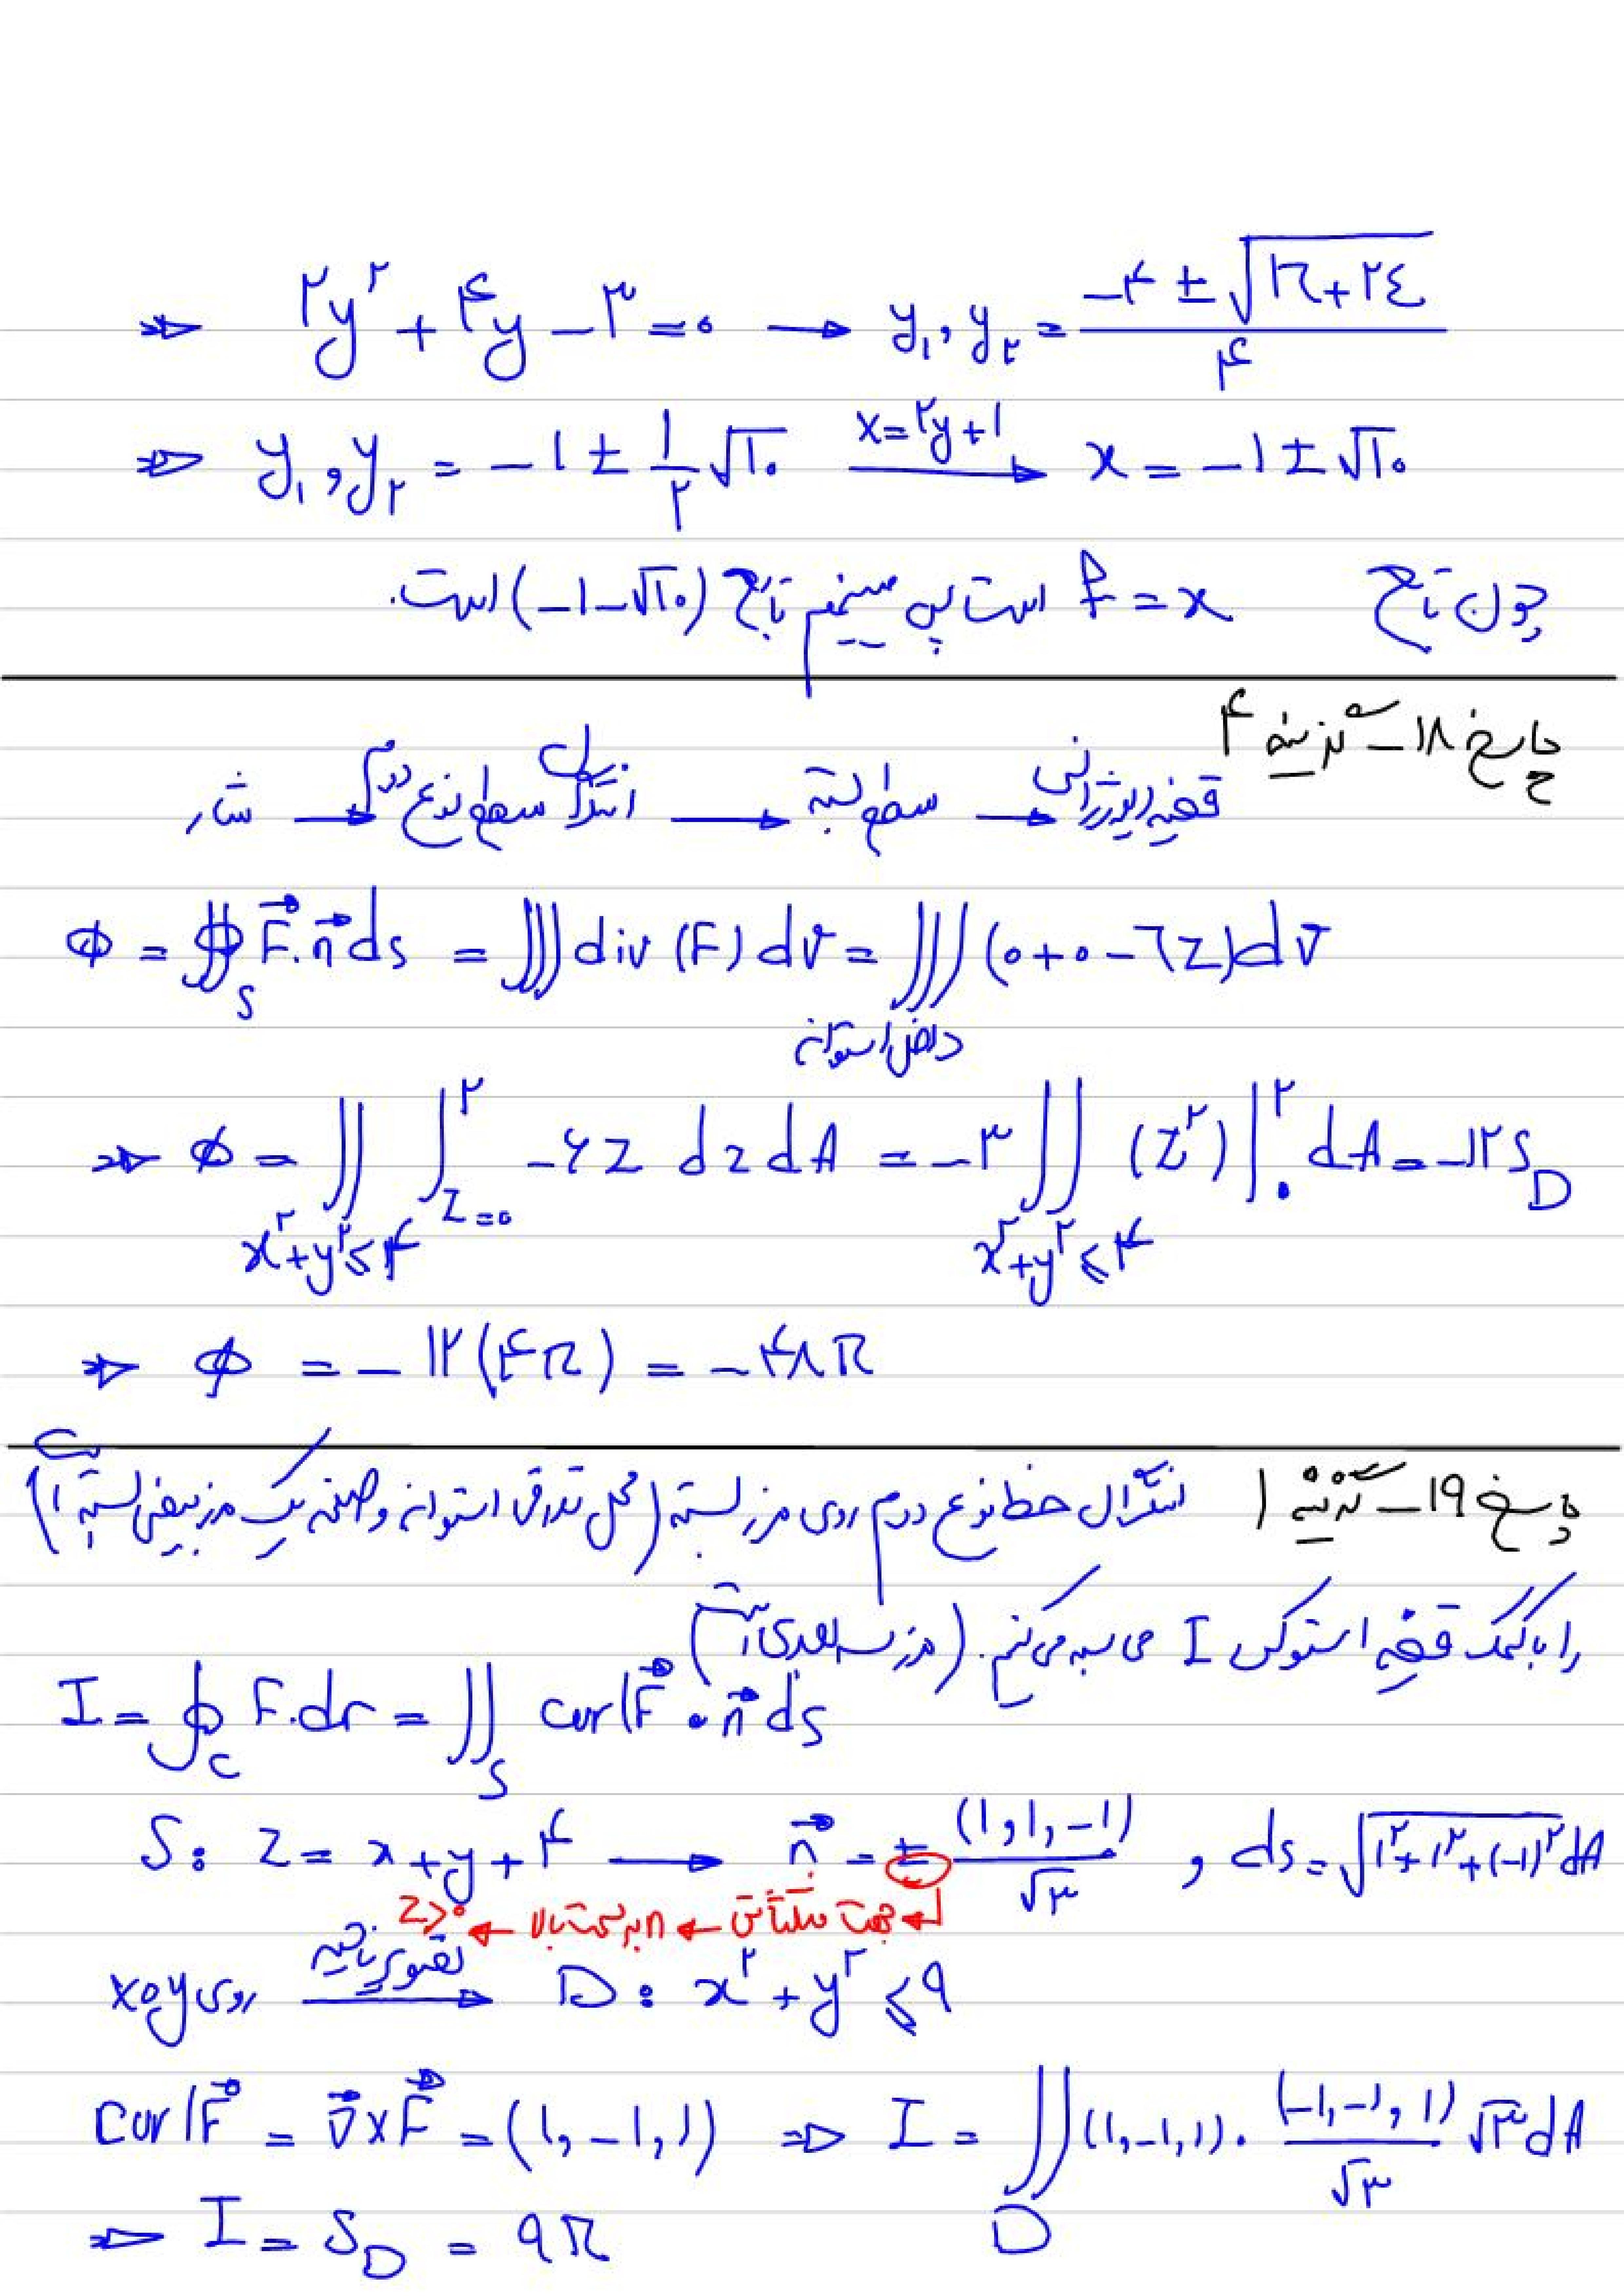 ریاضی عمومی 1و2 نمونه سوال کنکور ارشد و دکتری